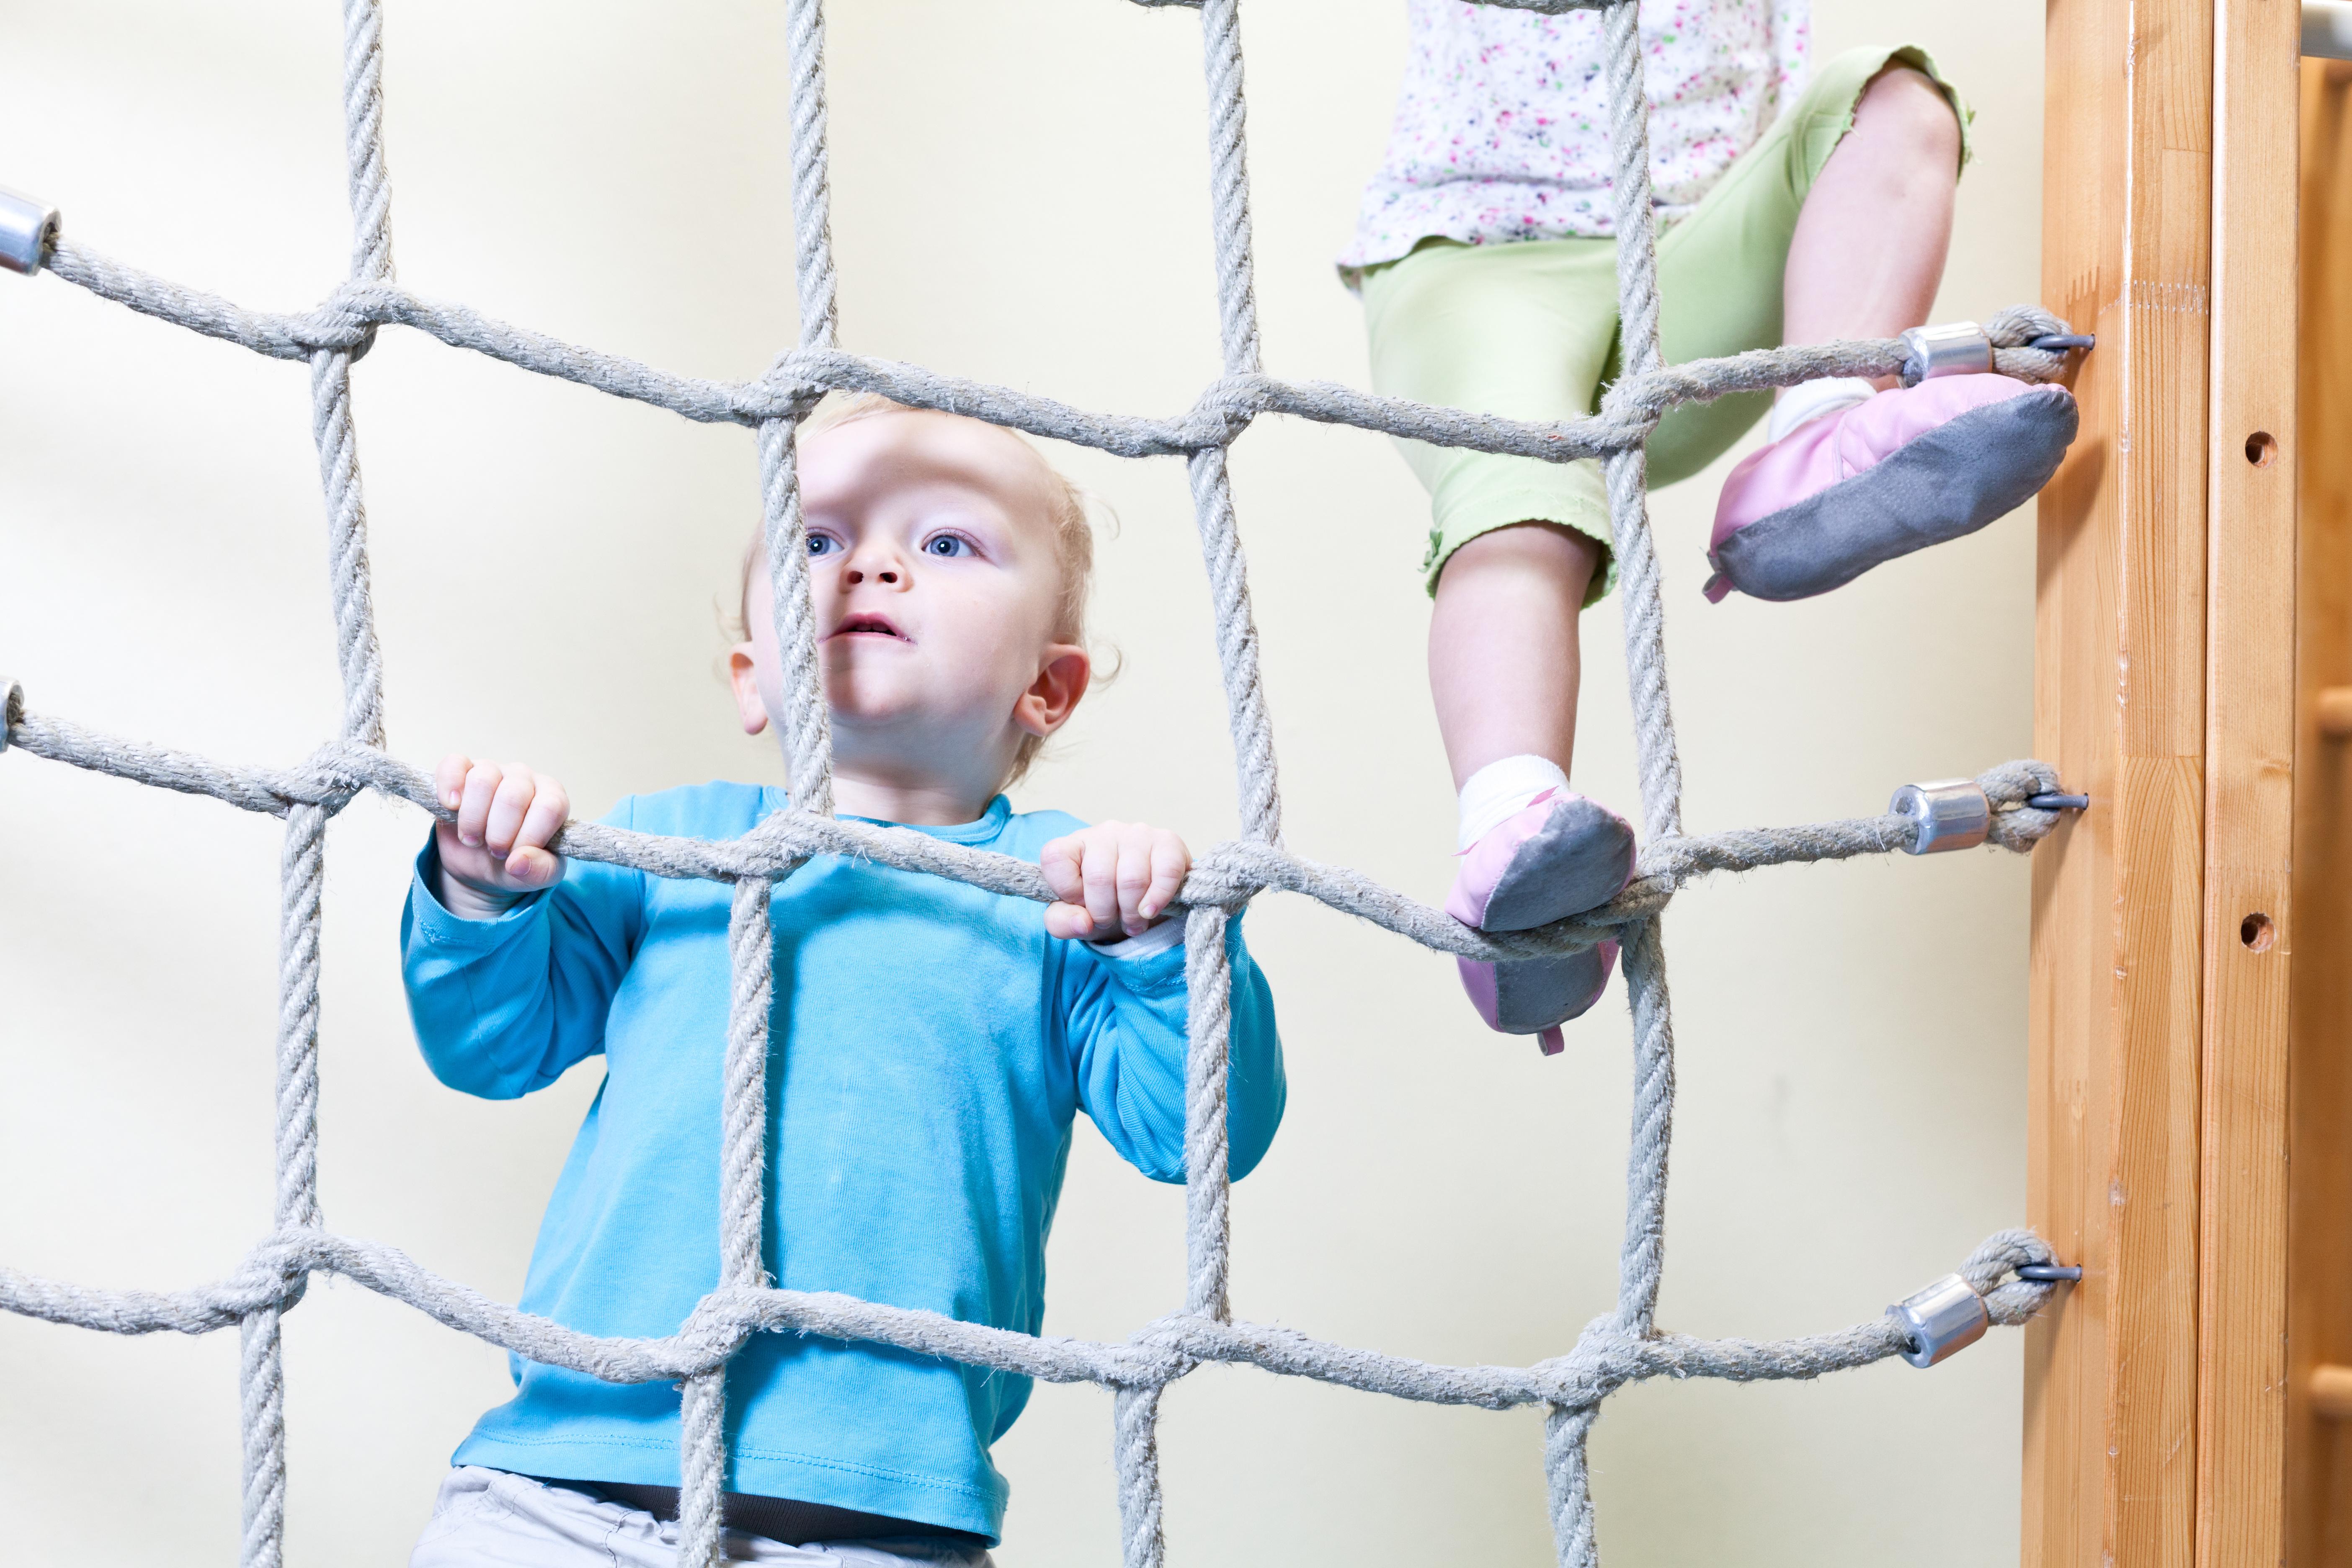 Junge klettert beim Kinderturnen